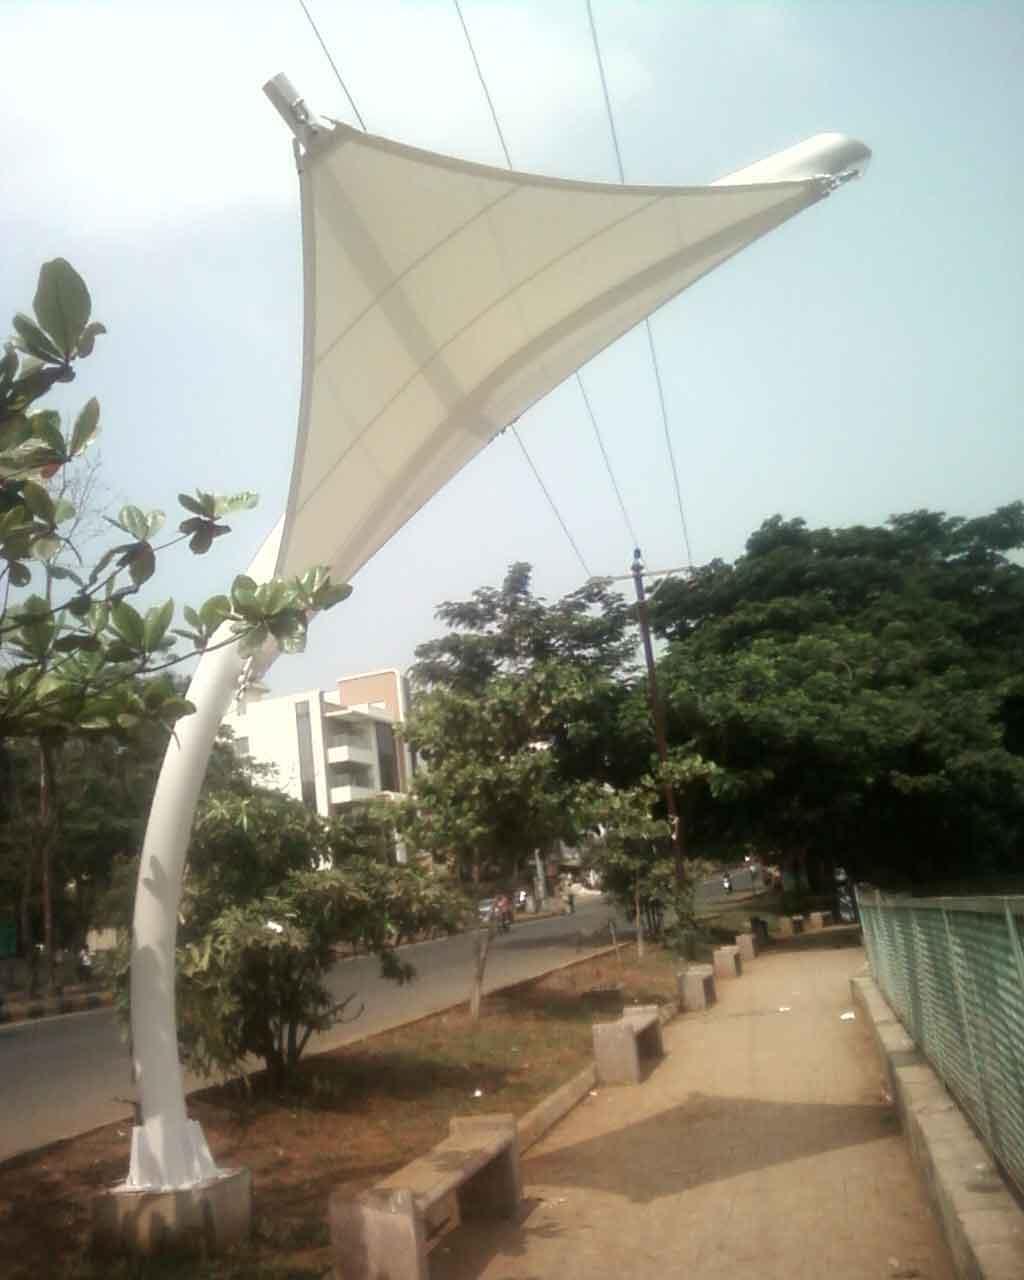 cidco shade sail, belapur cbd